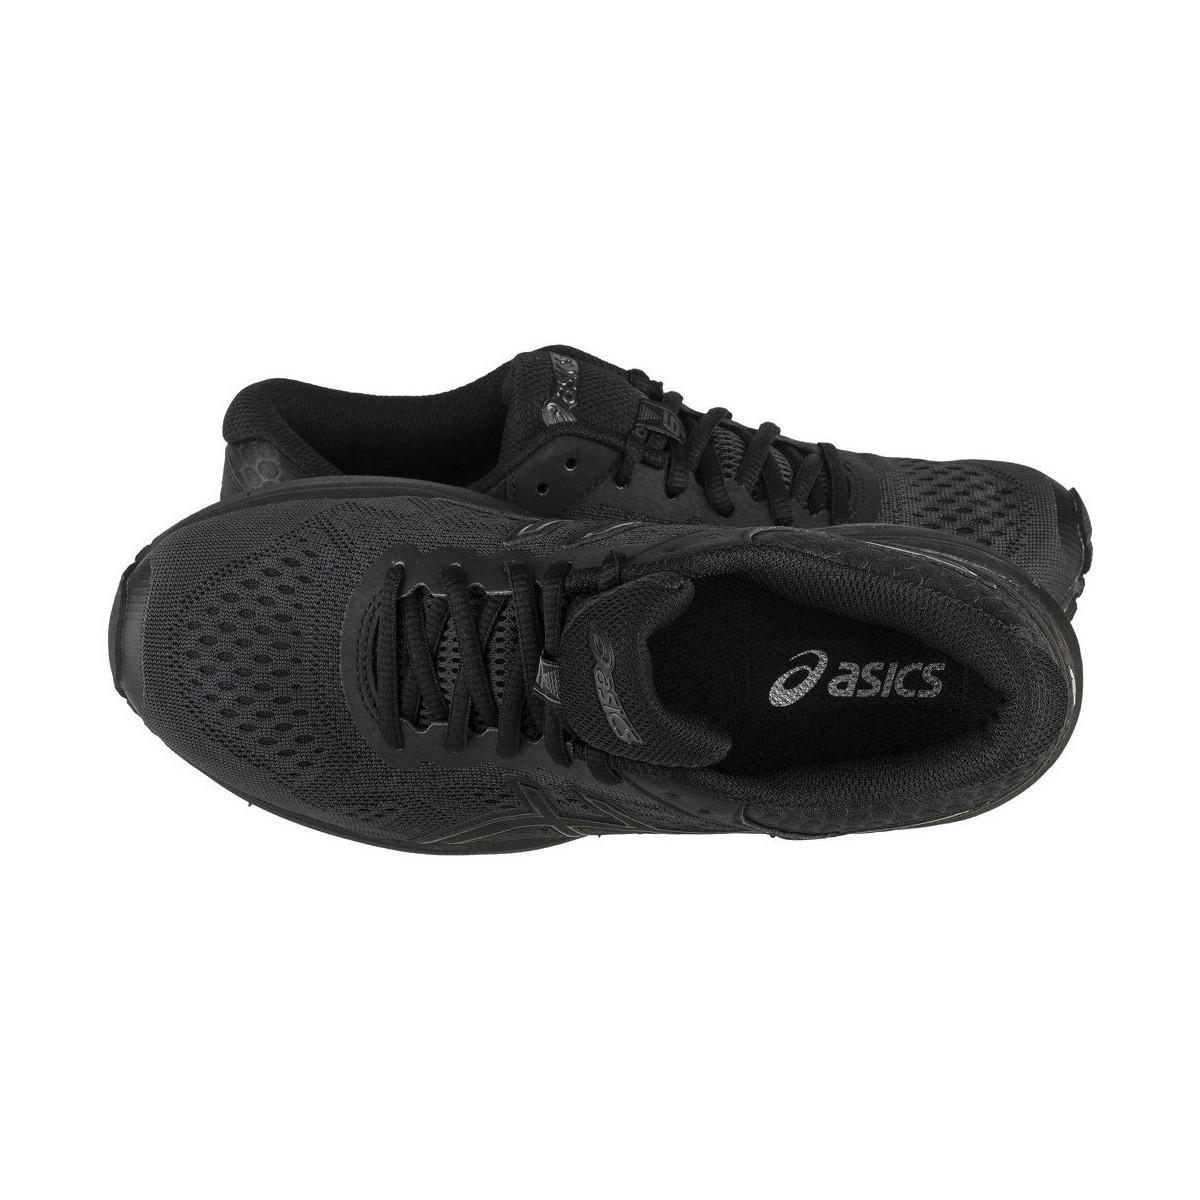 4086159e87d7 Asics Gt-1000 6 Running Shoe in Black - Lyst